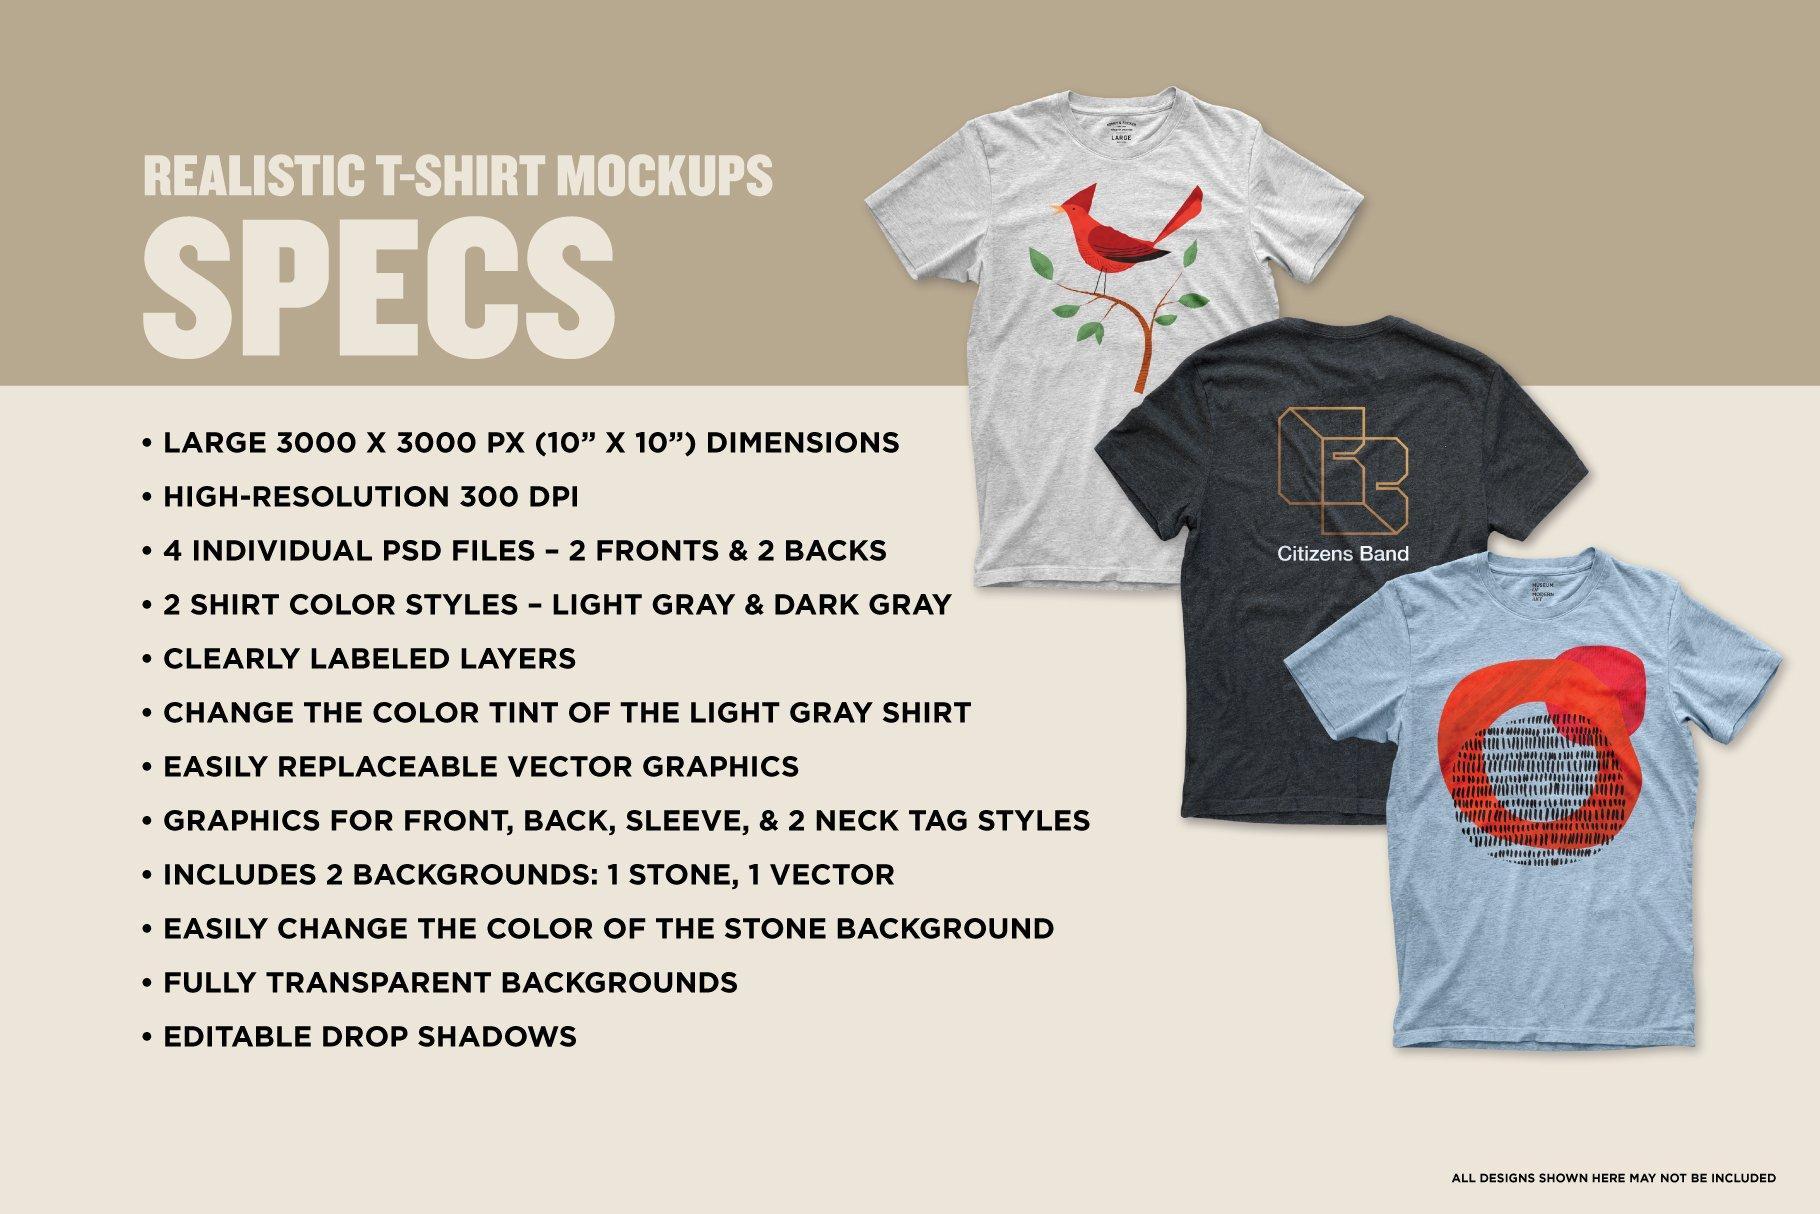 逼真圆领半袖T恤印花图案设计演示PS样机模板 Realistic Blank Gray T-shirt Mockups插图5